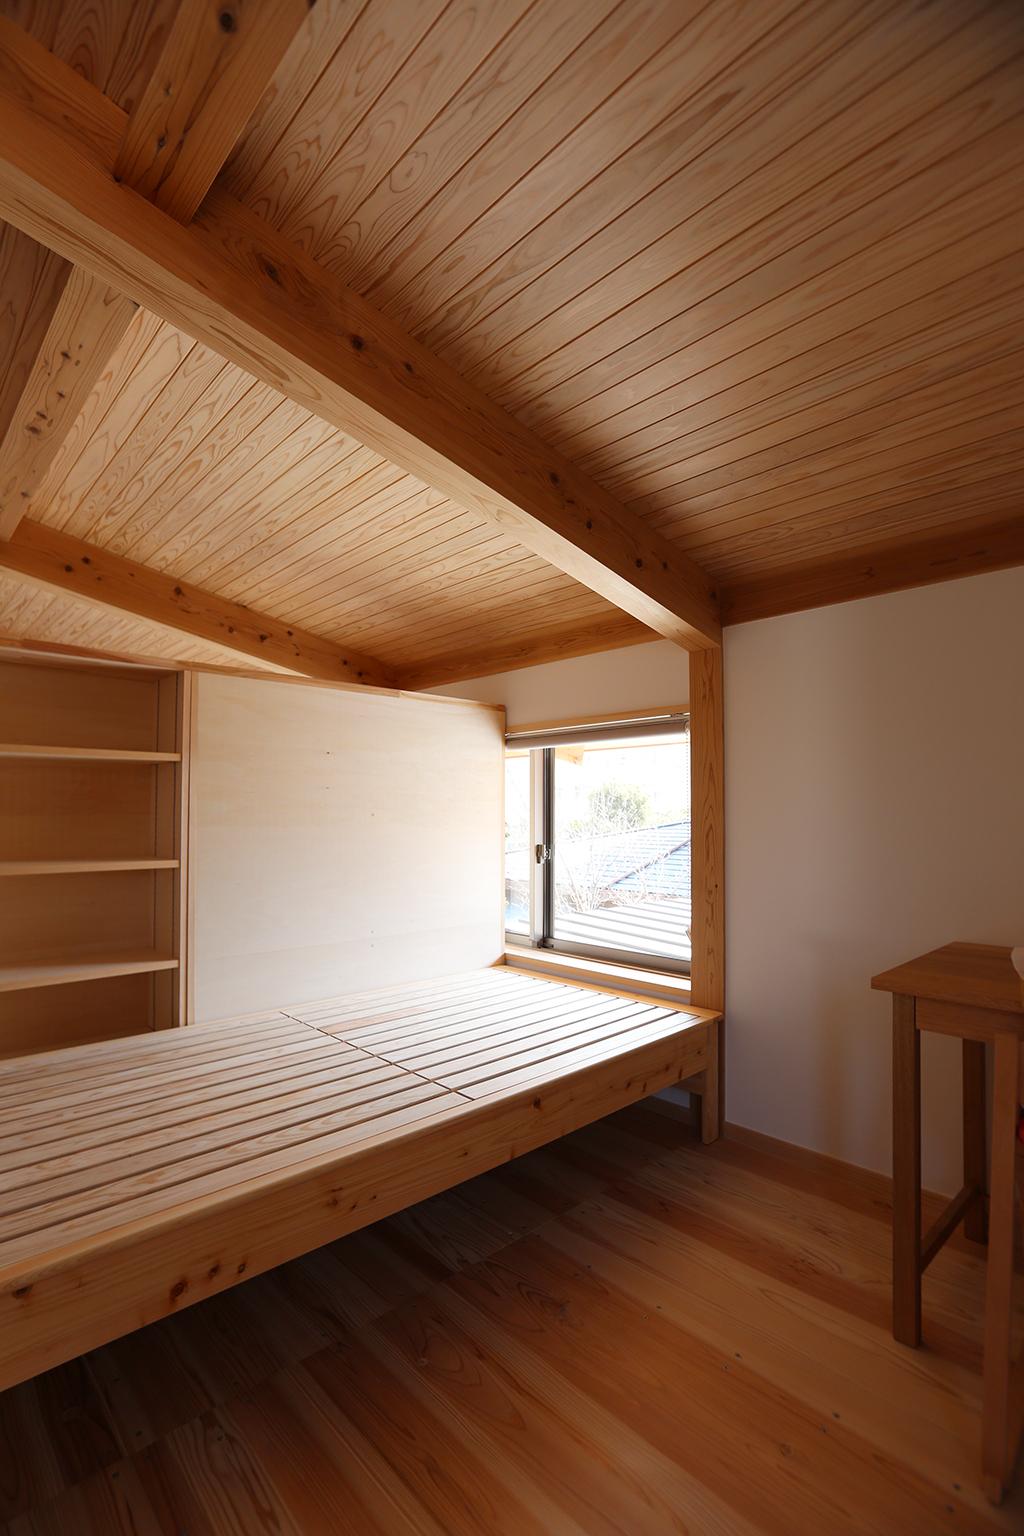 明石市の木の家 子ども部屋